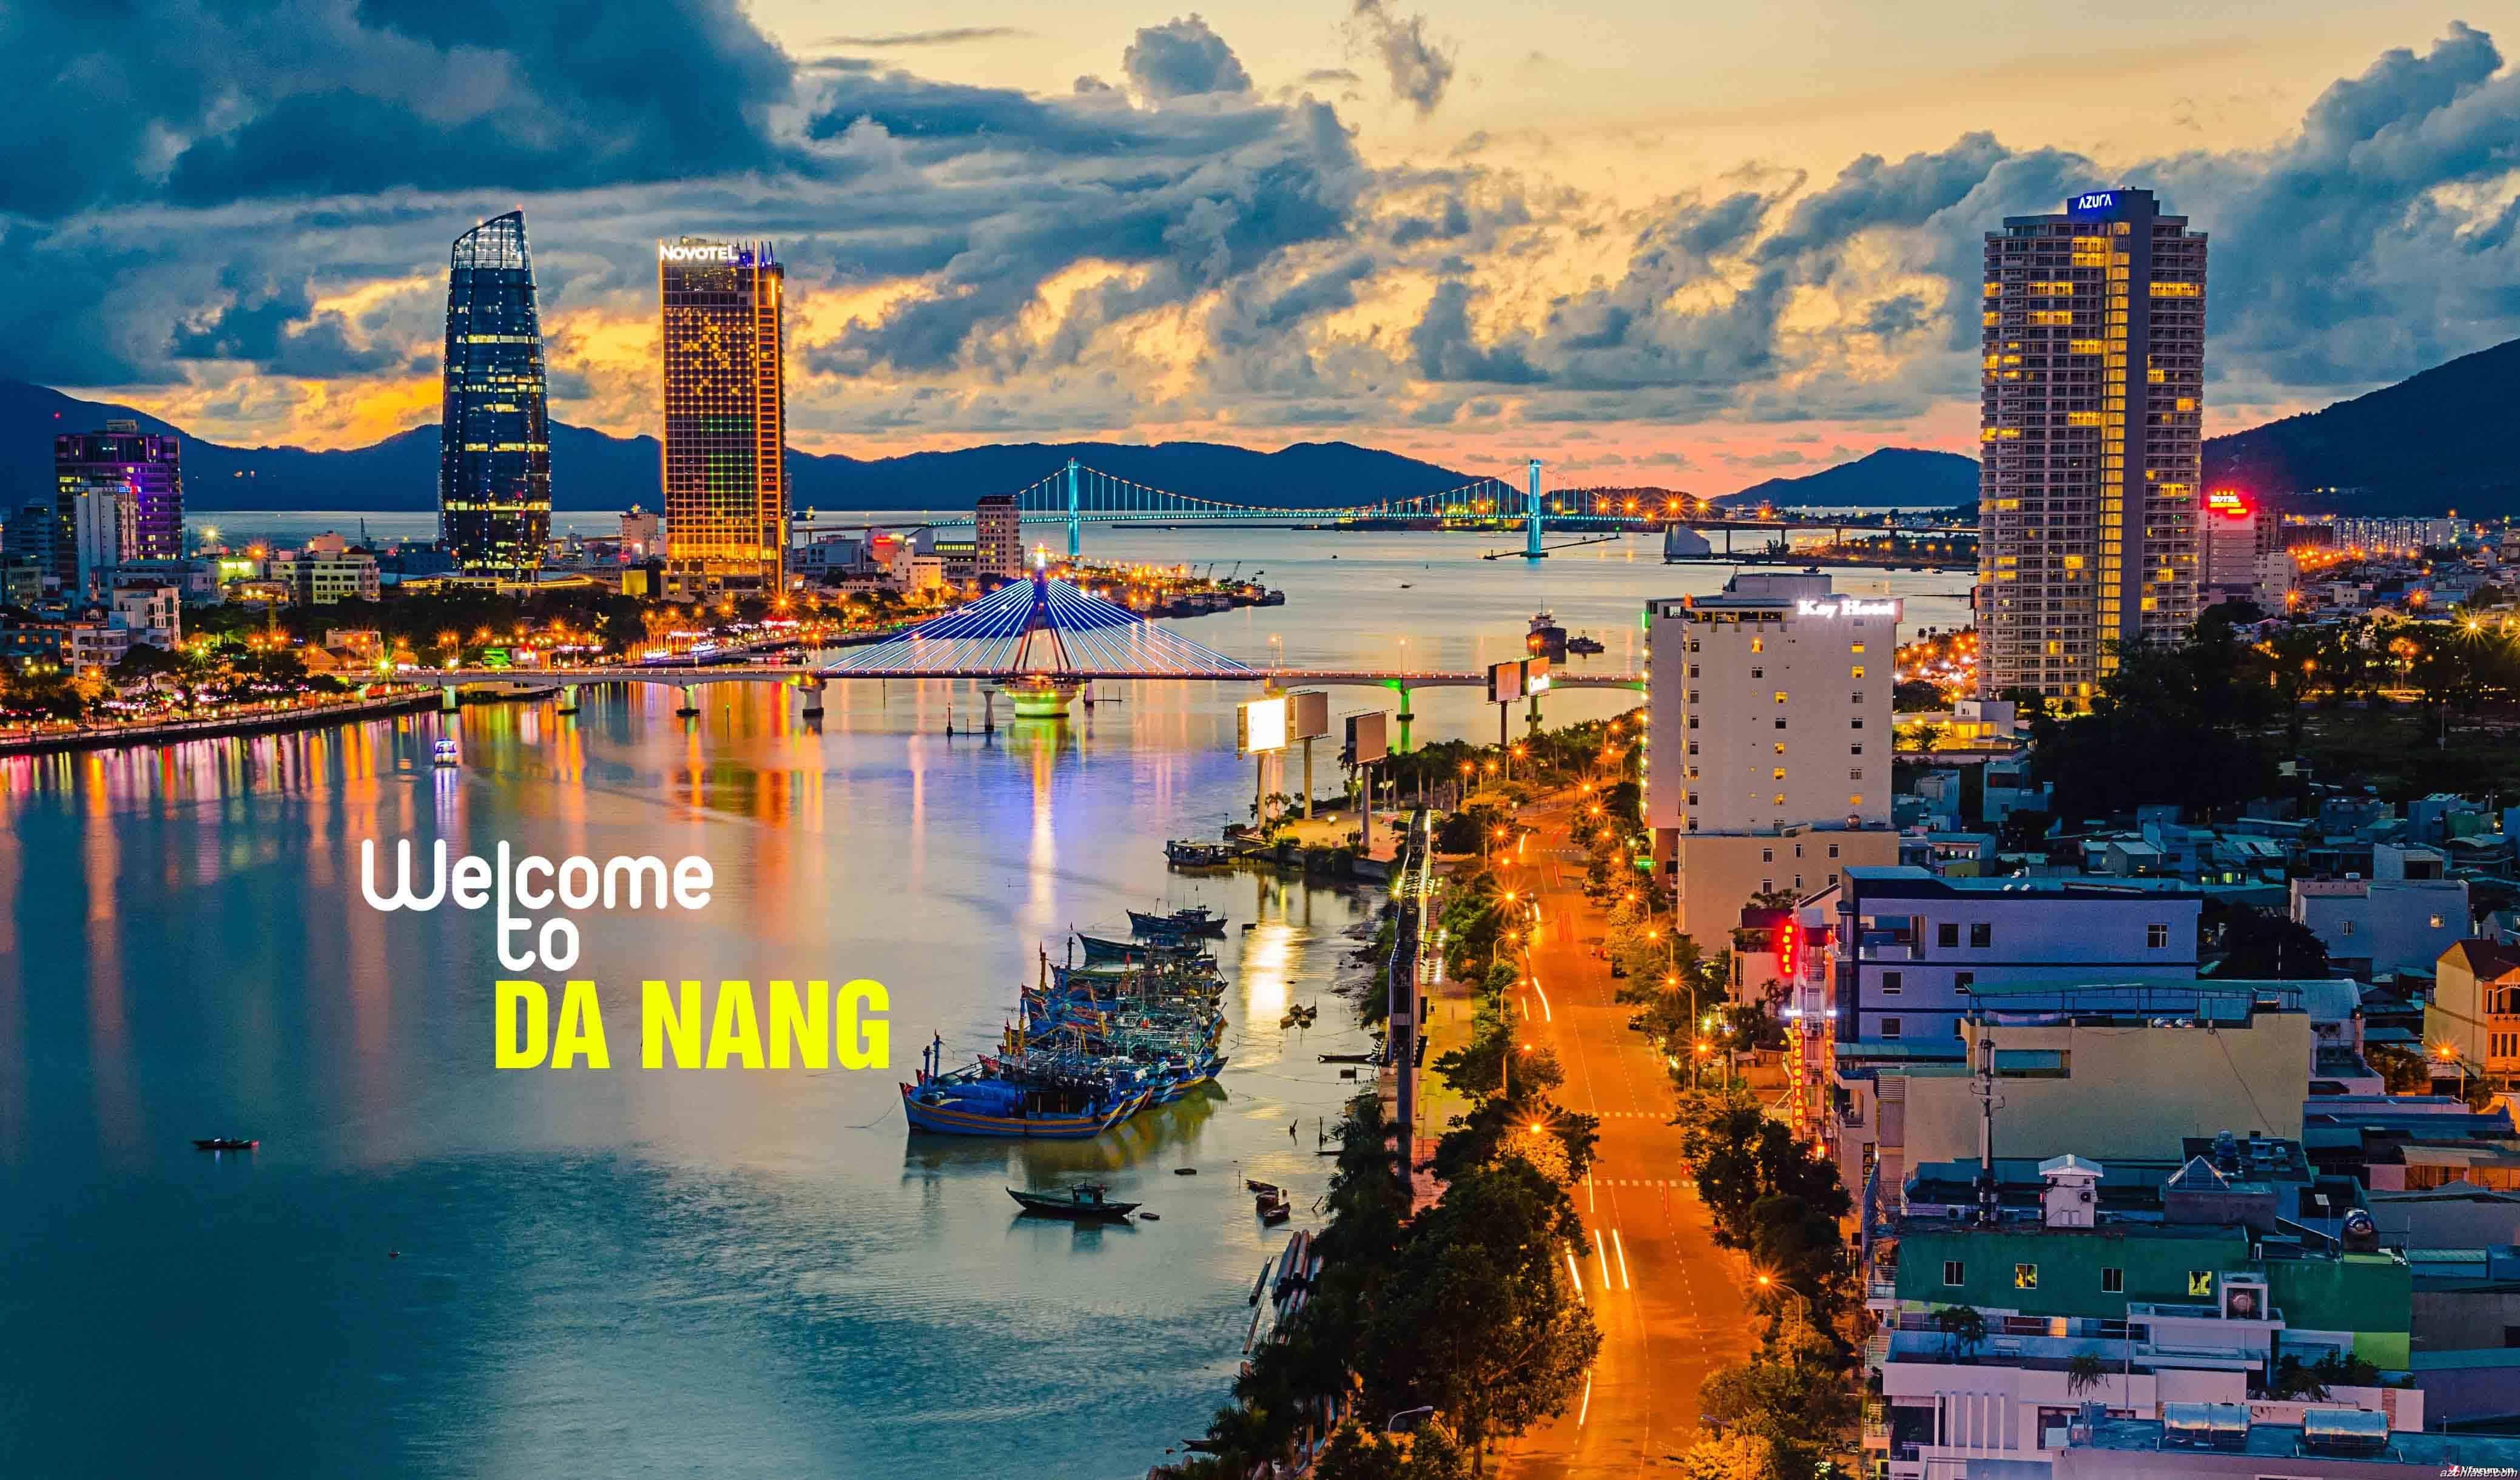 Khung cảnh bao quát Đà Nẵng